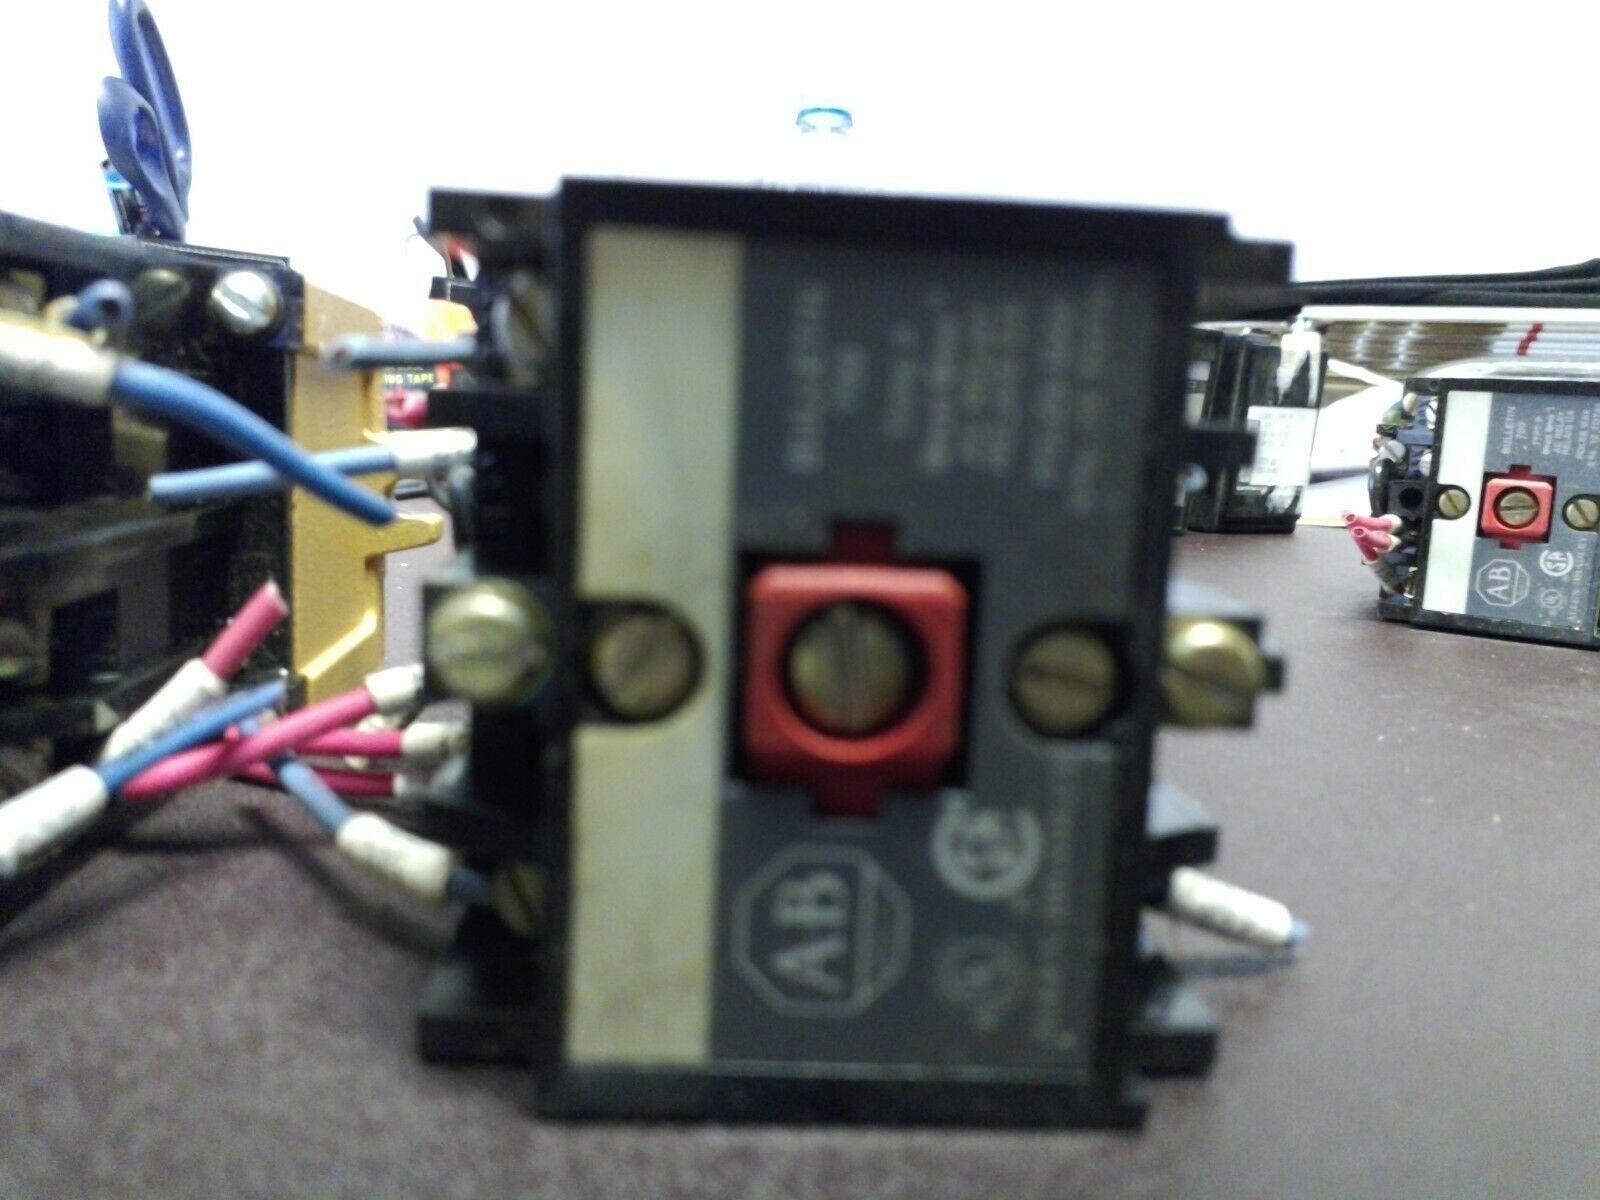 THT; 15imp//revol; 15000cycles 1 X EC11B15204 Encoder incremental; Mounting